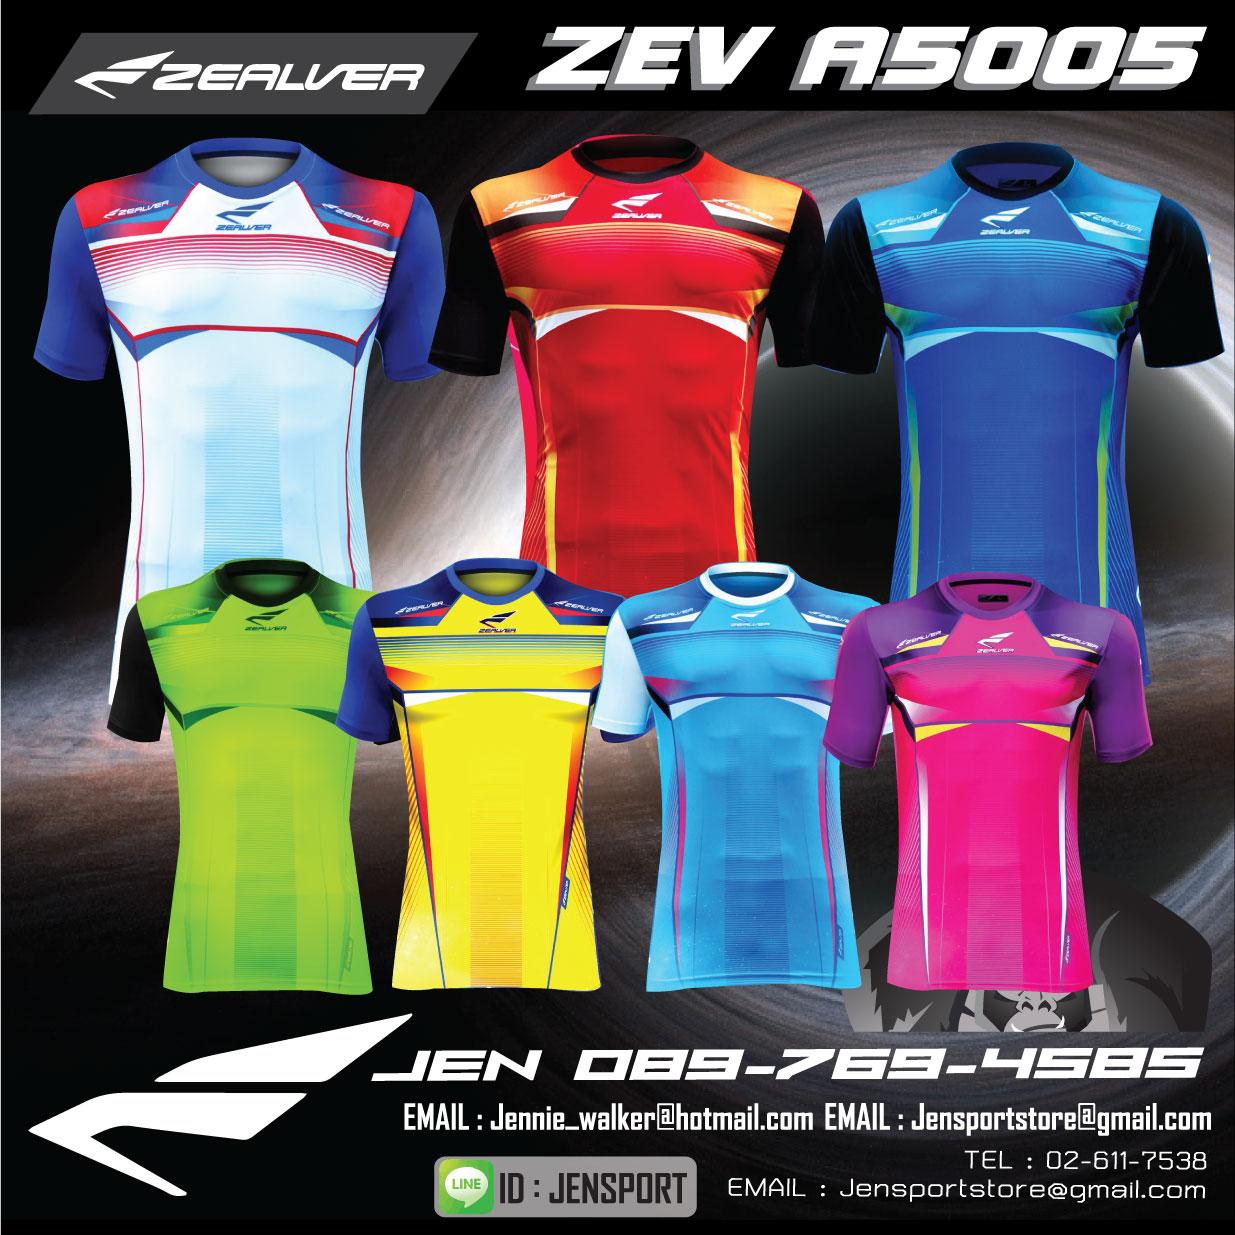 zealver-zev-a5005